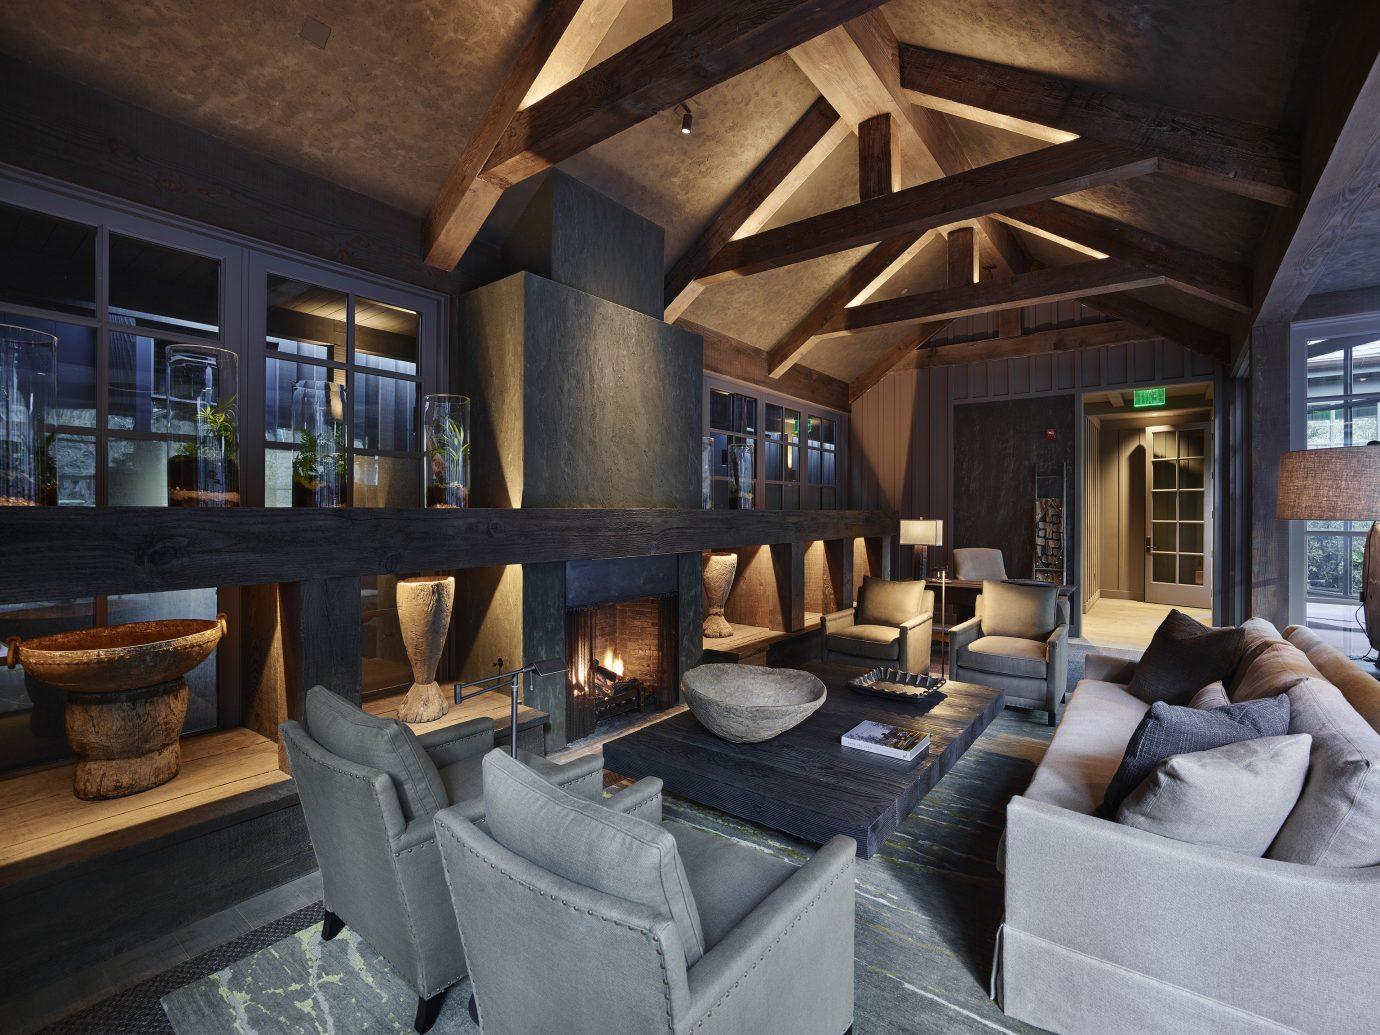 Living room at Meadowood Napa Valley